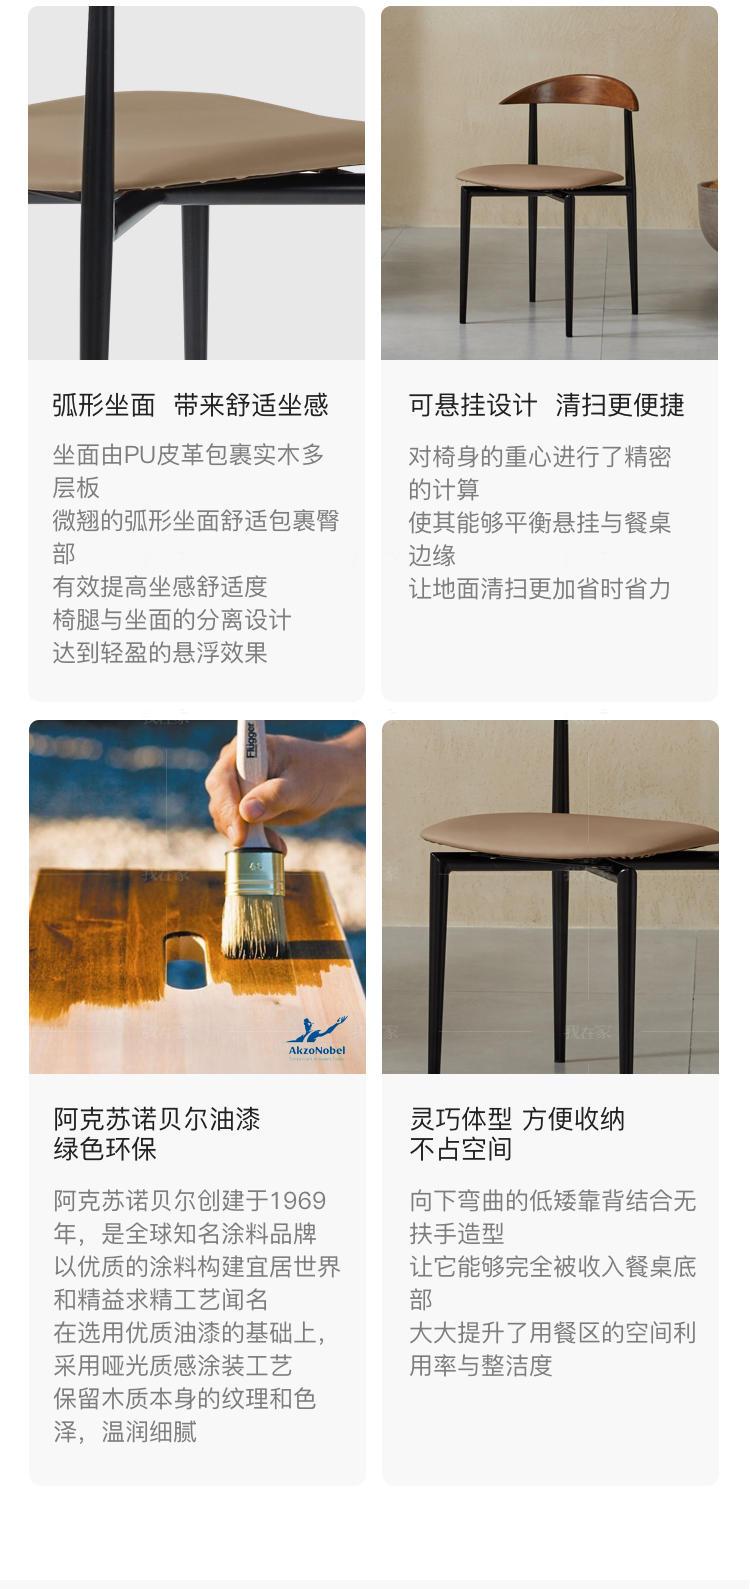 中古风风格斯维登餐椅(2把)的家具详细介绍